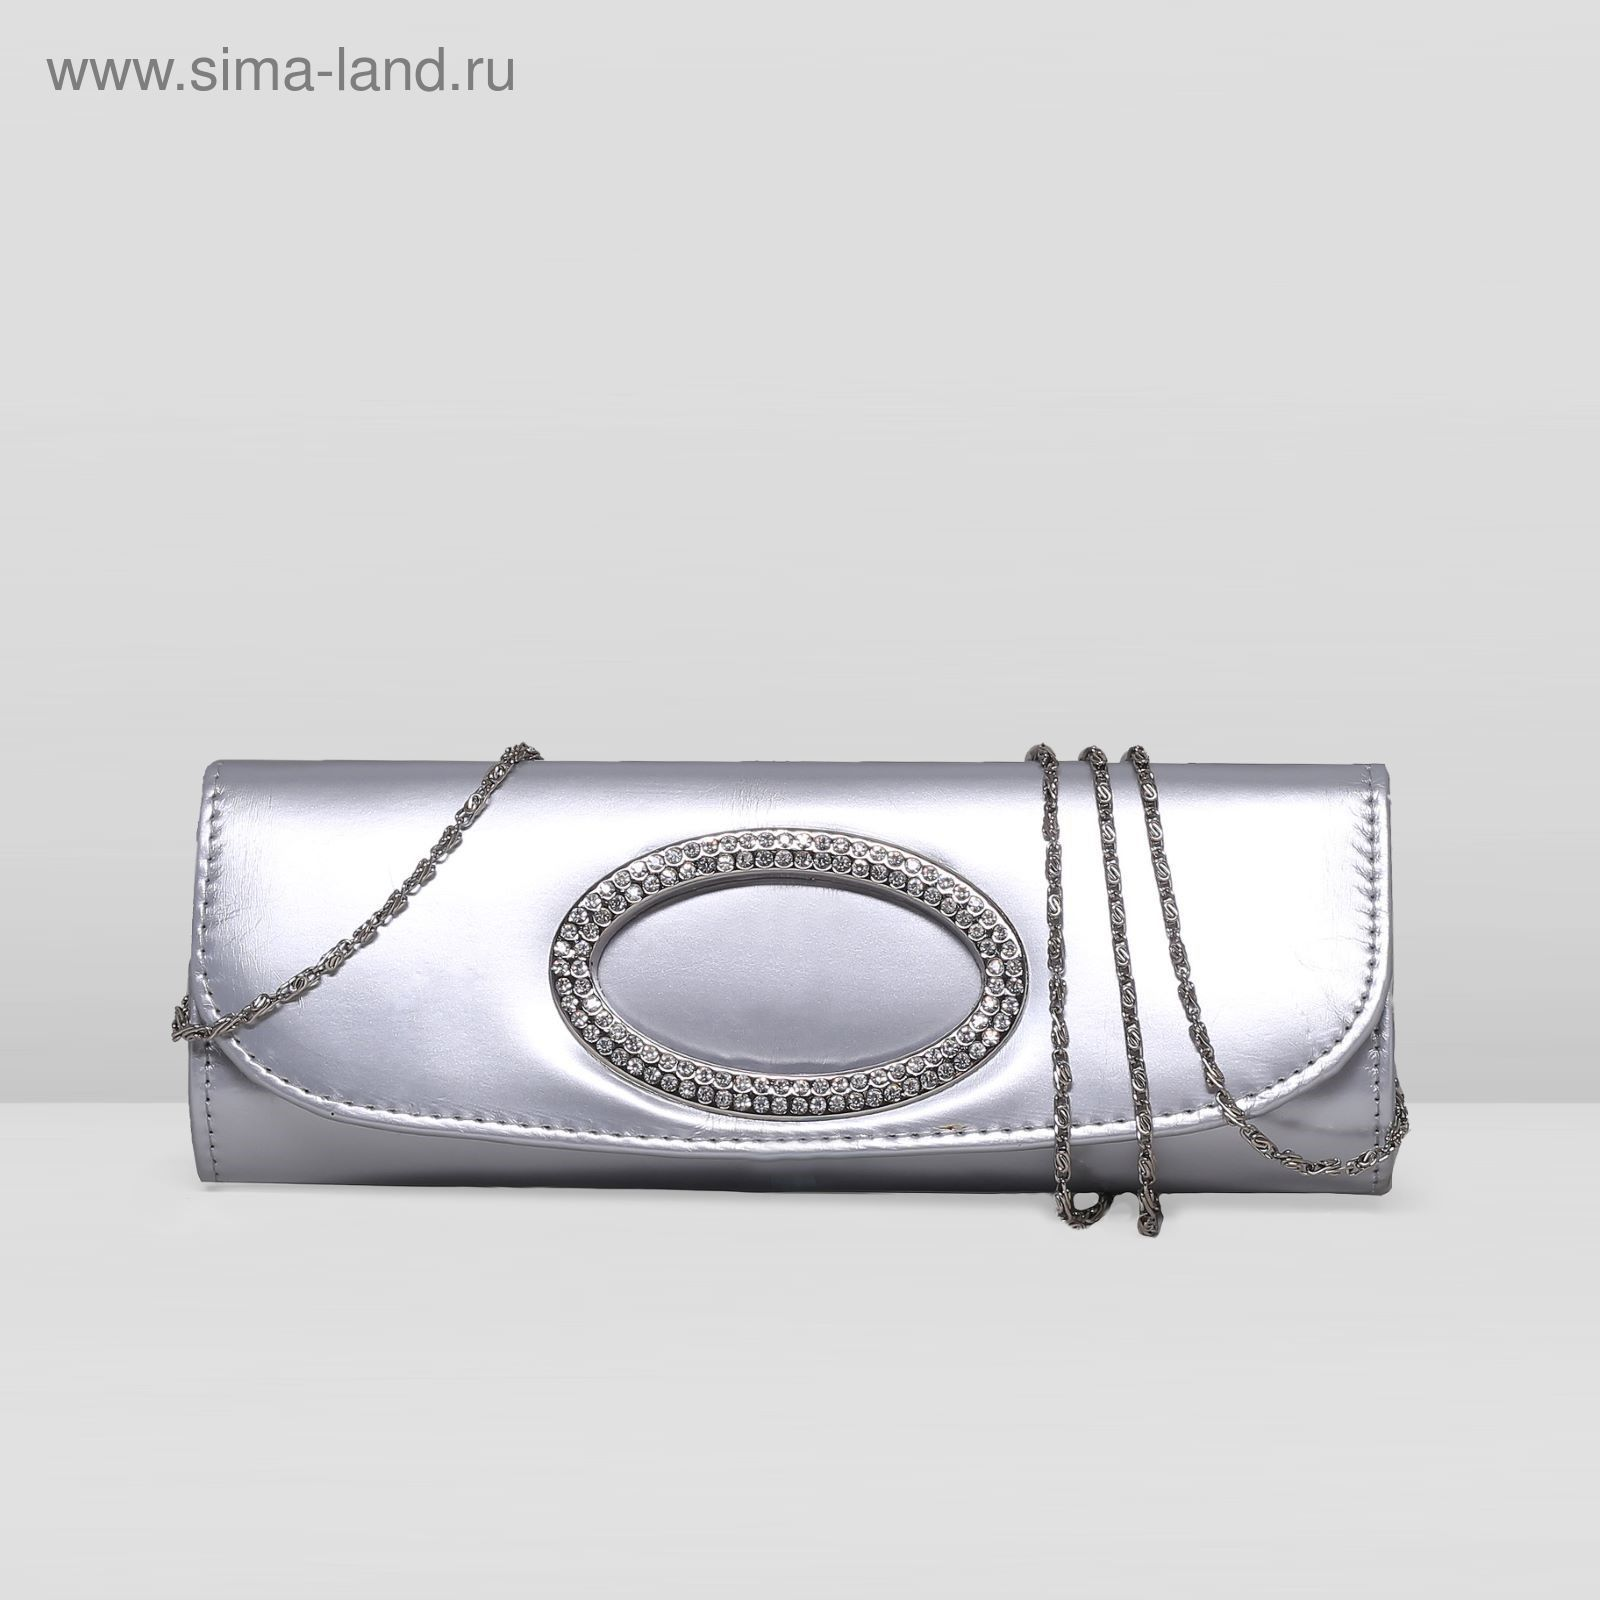 636b125cf9a1 Клатч женский на клапане, 1 отдел, цепочка, цвет серебряный (2189436 ...